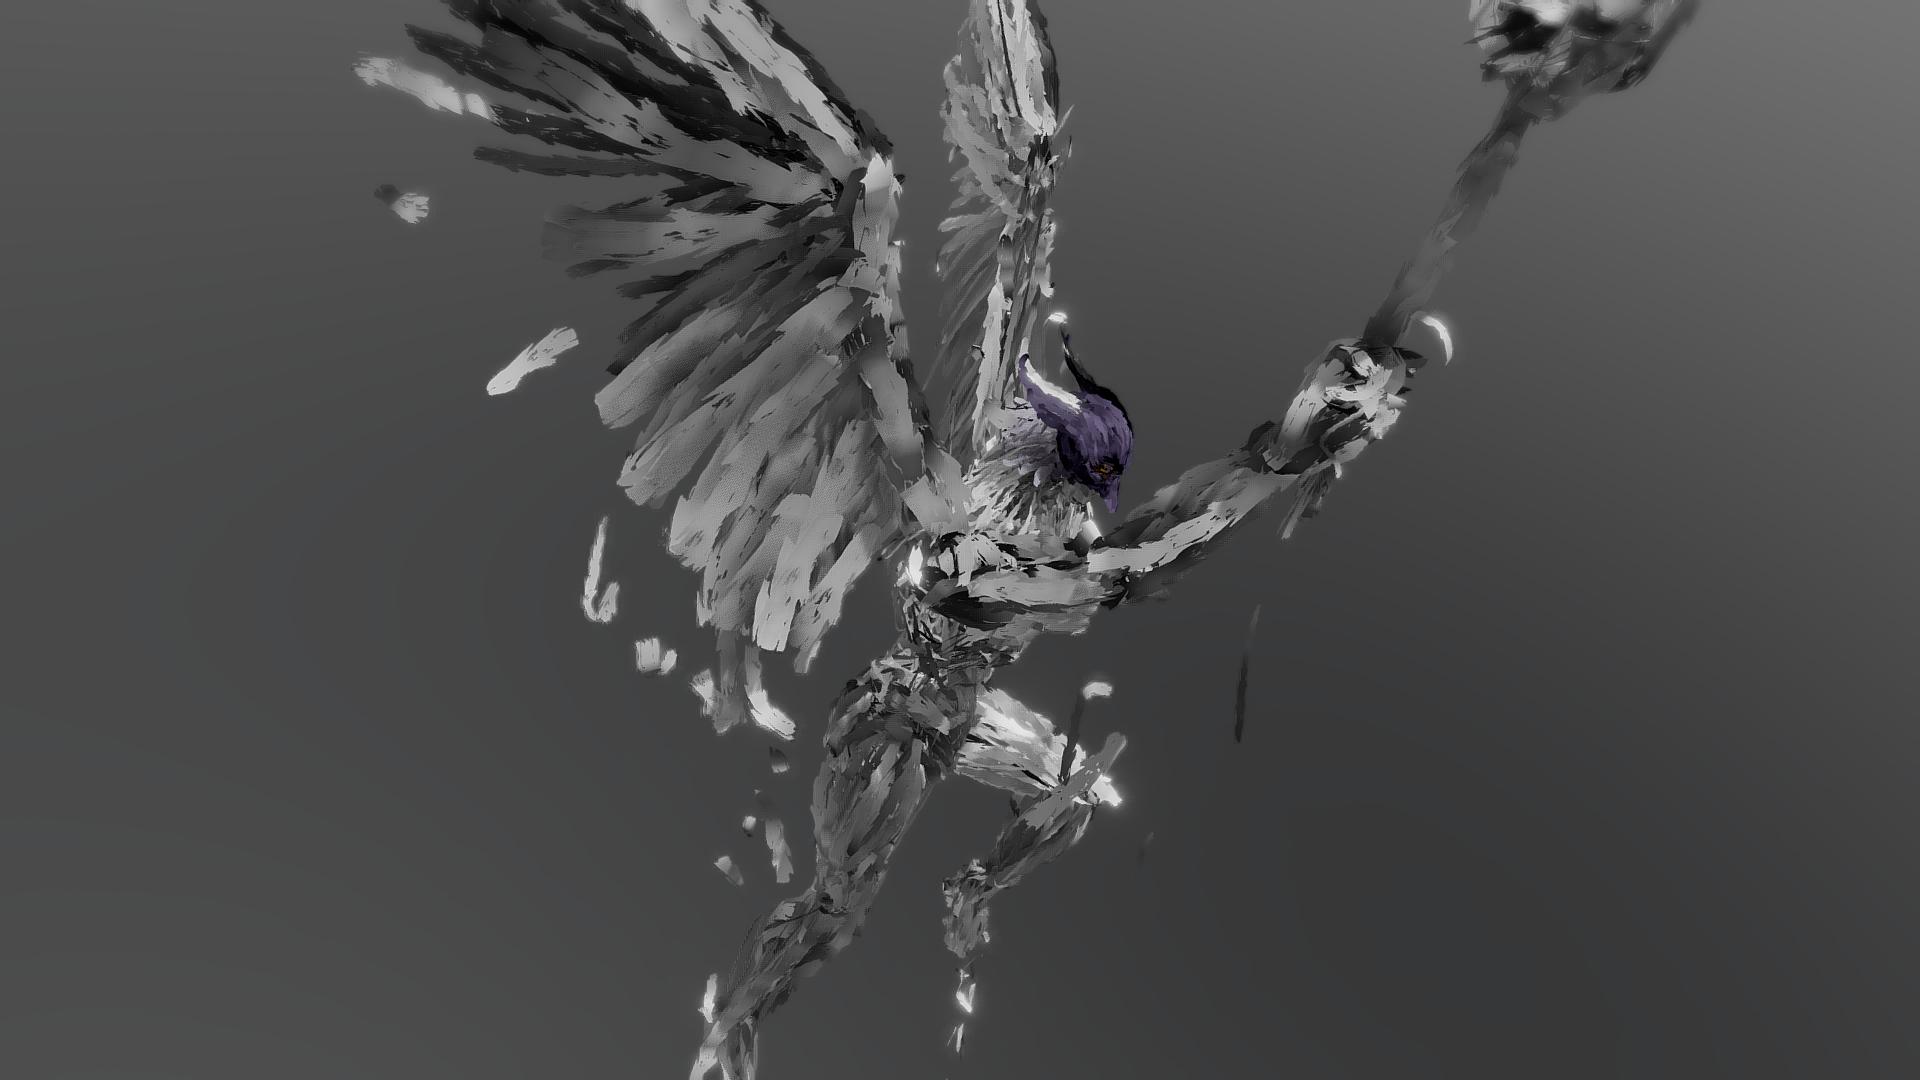 Hawkman by chaitanyak